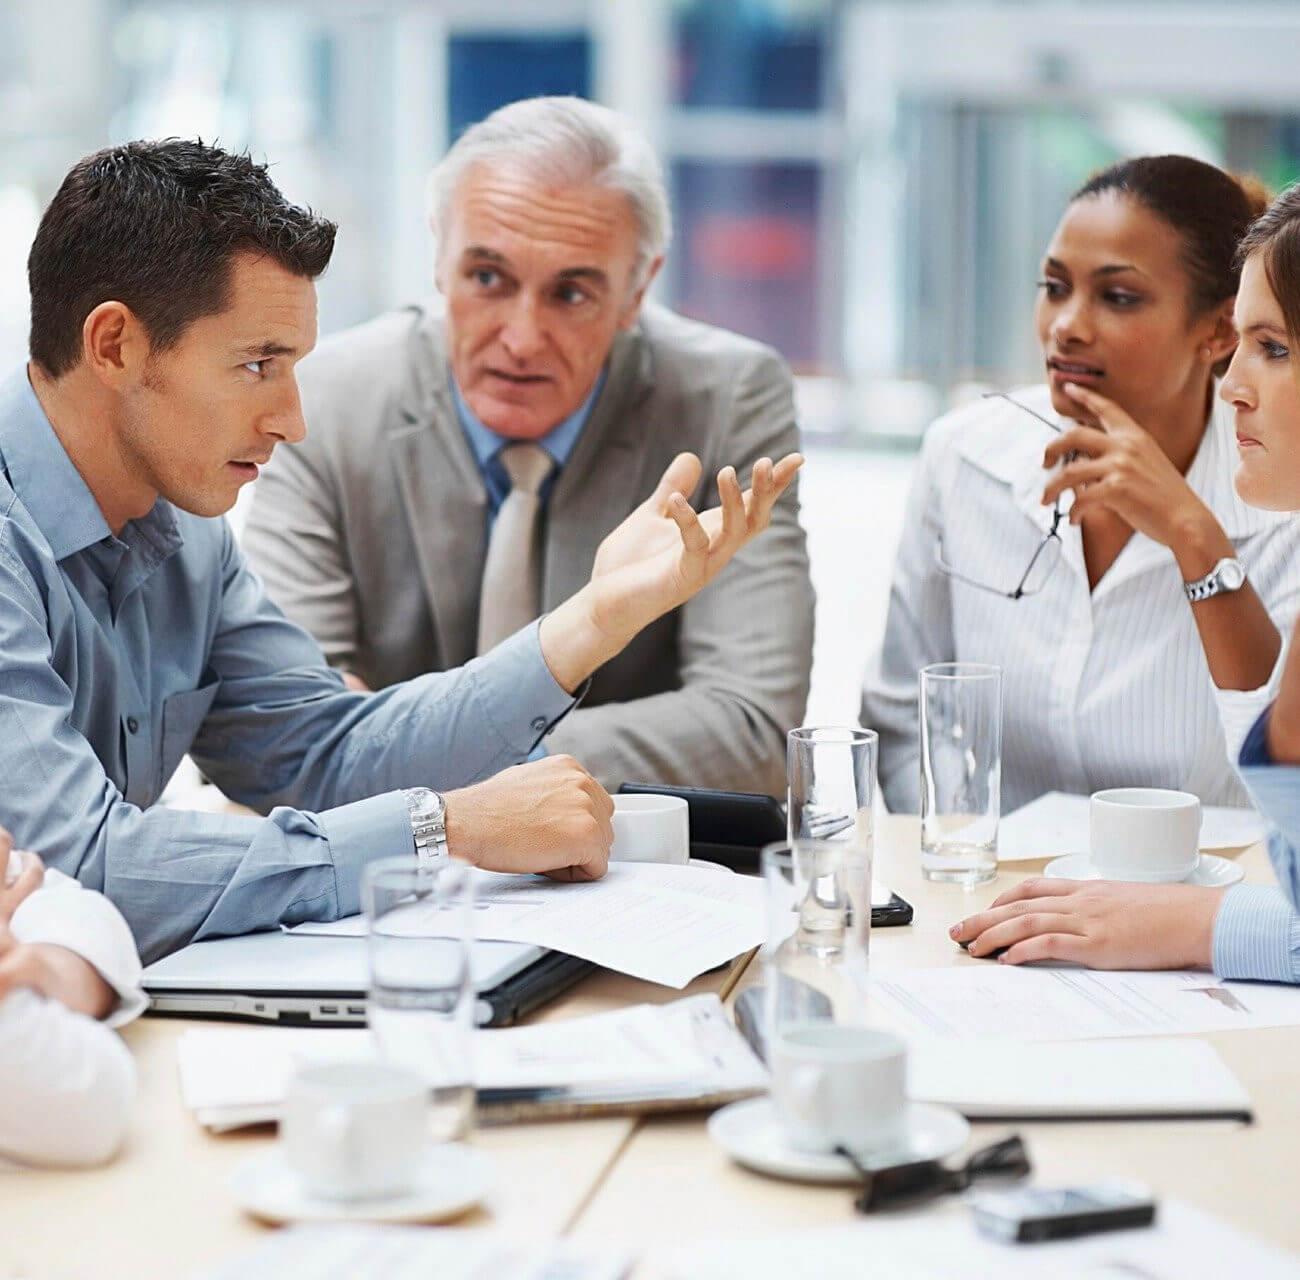 vergadering met diverse mensen